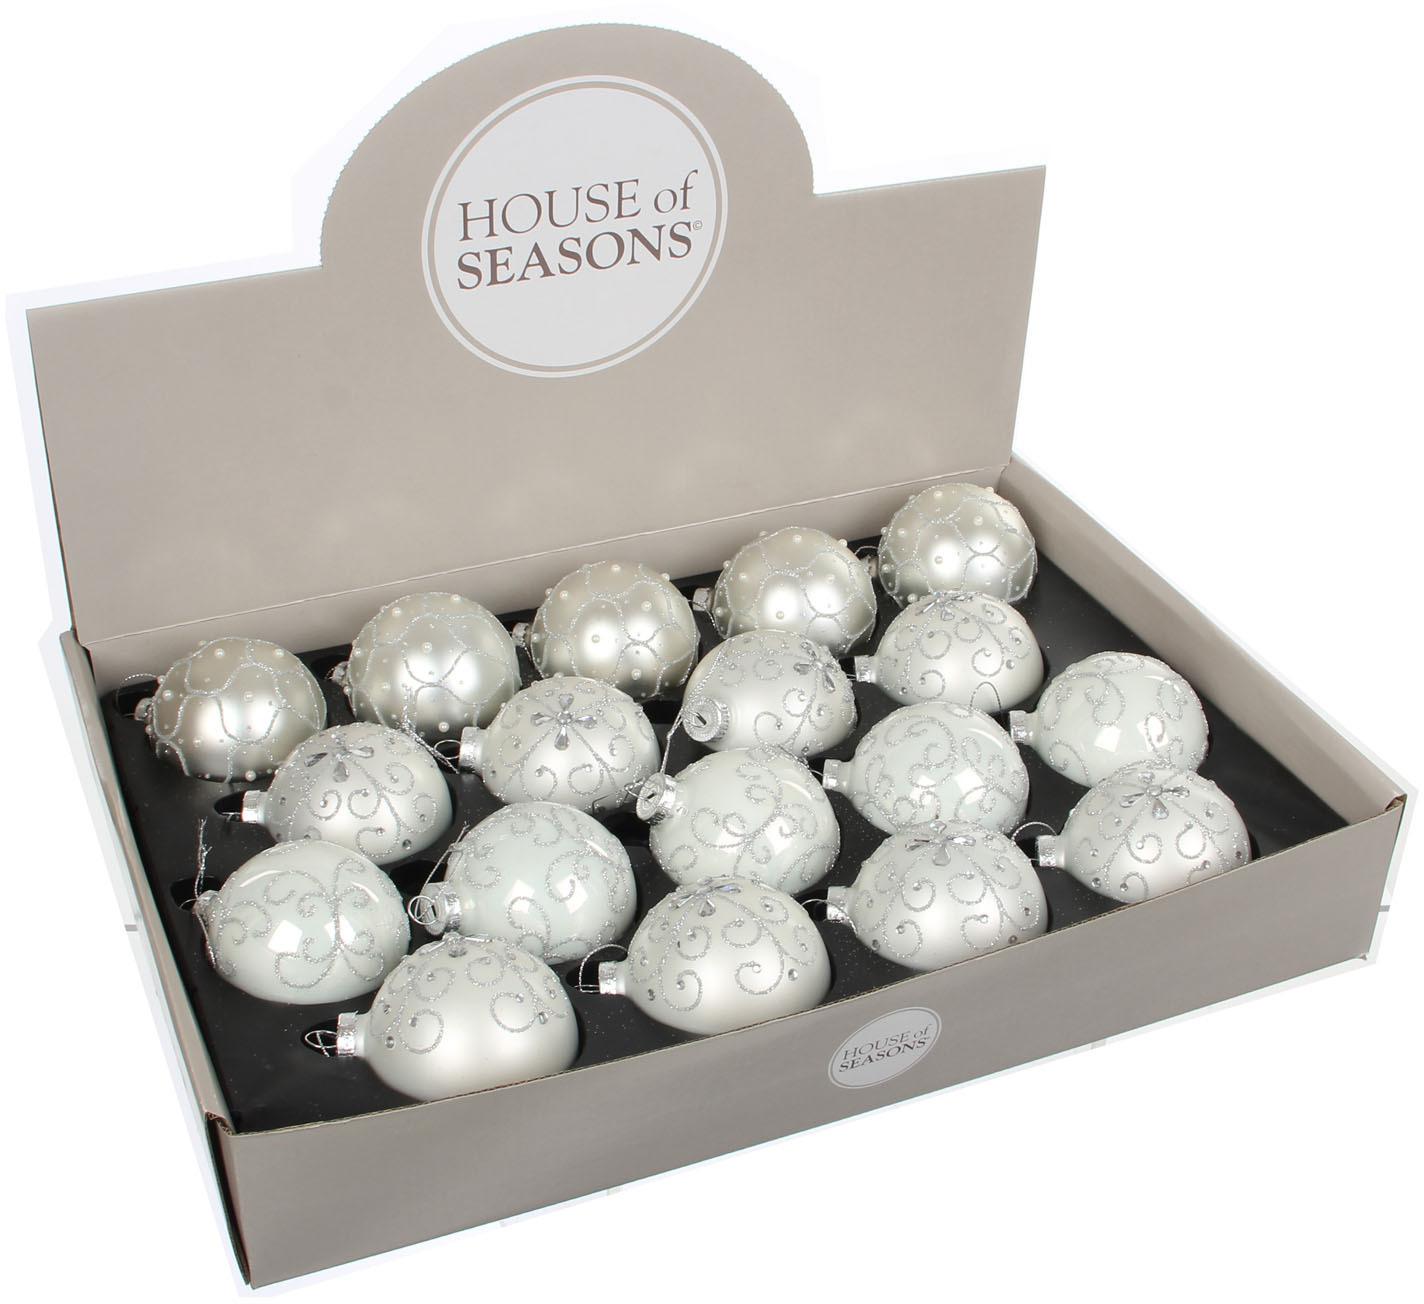 Набор елочных игрушек House of Seasons Шар, цвет: белый, диаметр 7 см, 18 шт. 83108 (1028558) набор елочных игрушек русские подарки веселый новый год 9 шт 71435